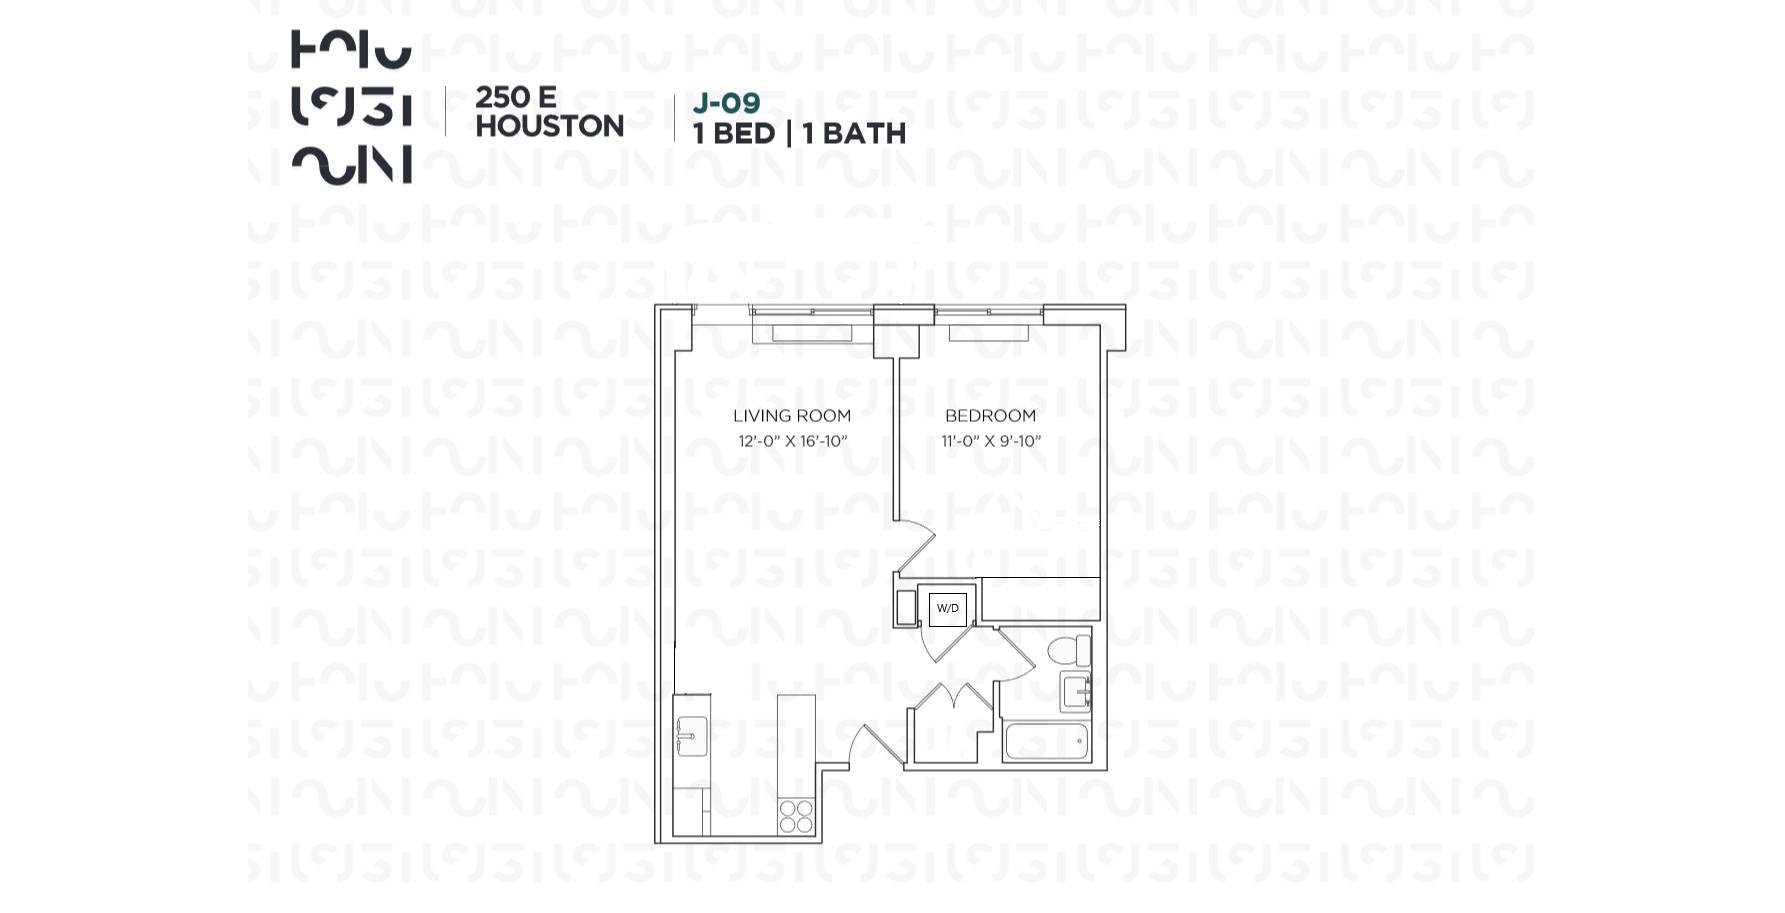 Floor plan for 3J